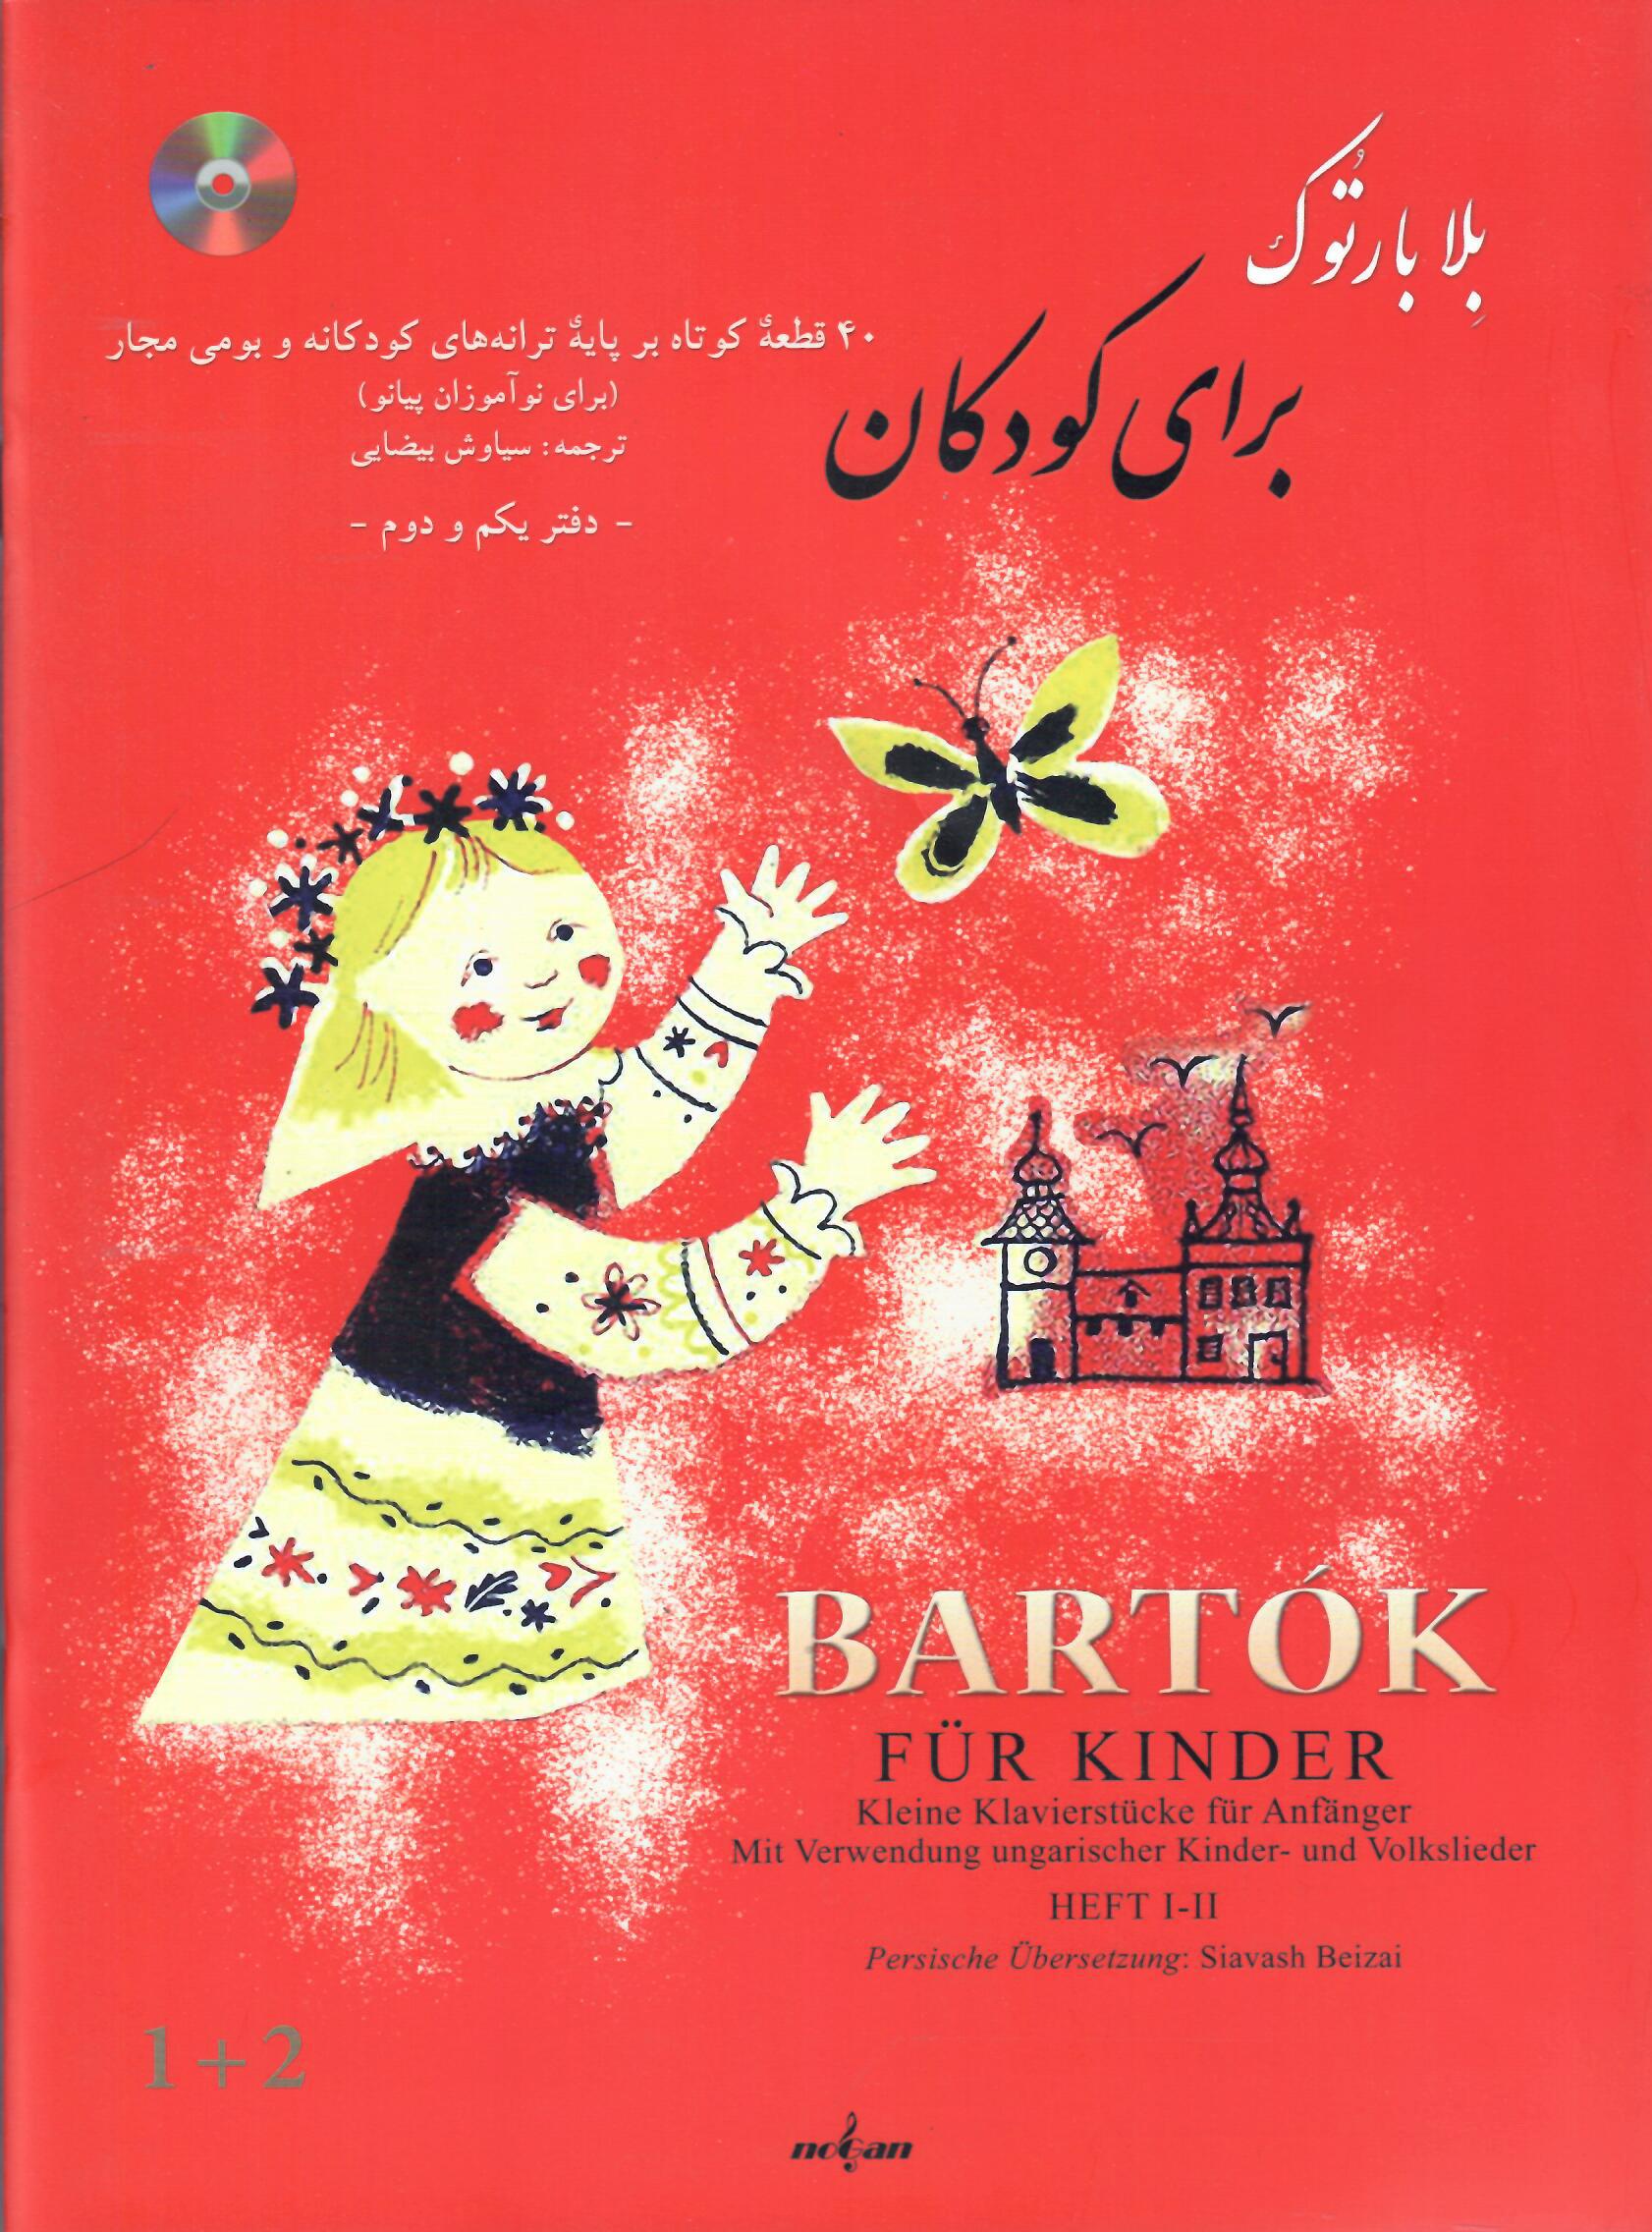 بلا بارتوک برای کودکان (40 قطعه کوتاه بر پایهی ترانههای کودکانه و بومی مجار) ترجمه: سیاوش بیضایی